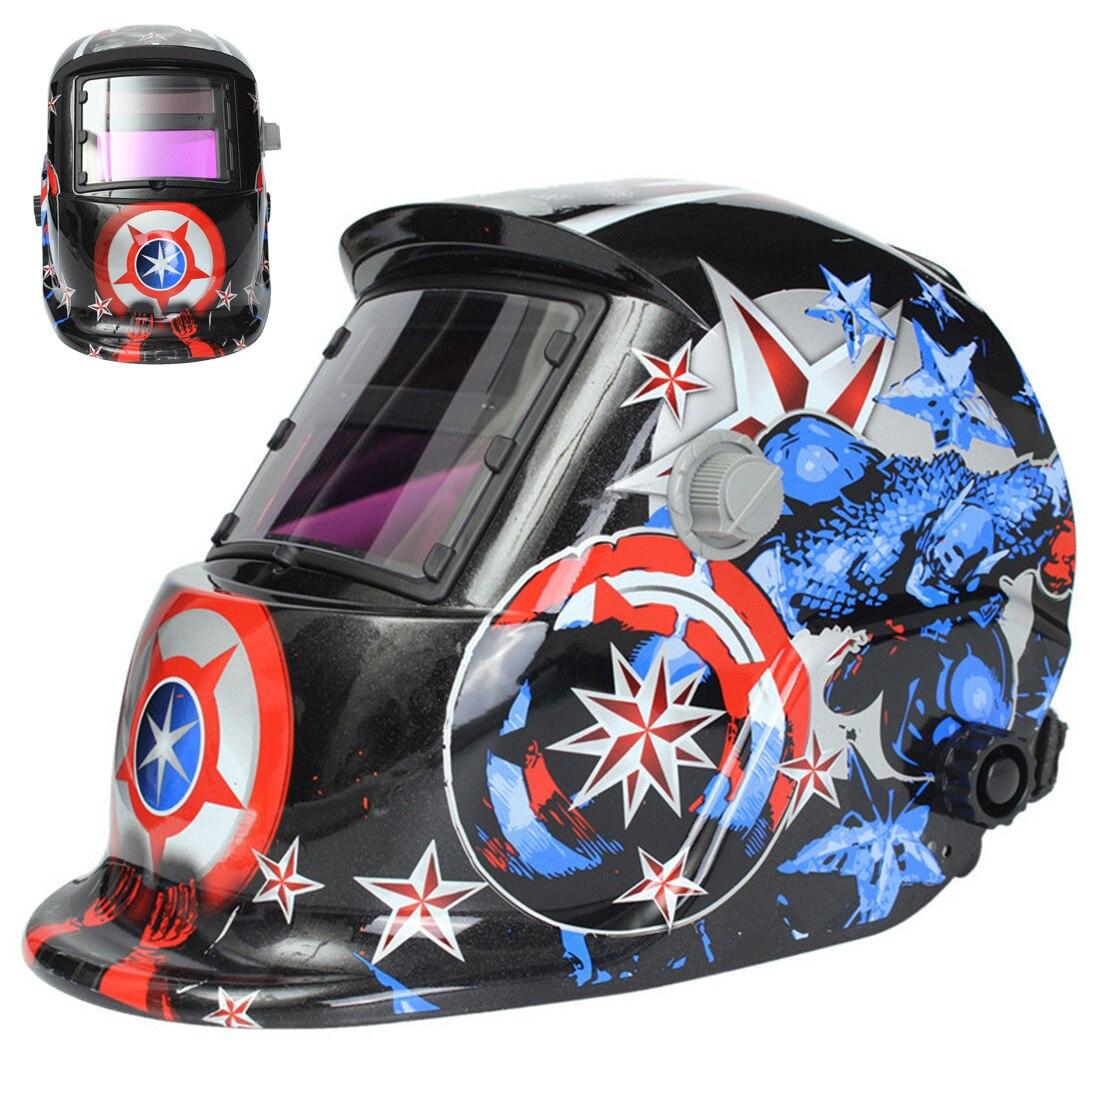 Portable Solar Weld Mask Electrowelding Auto-Darkening Welding Helmet